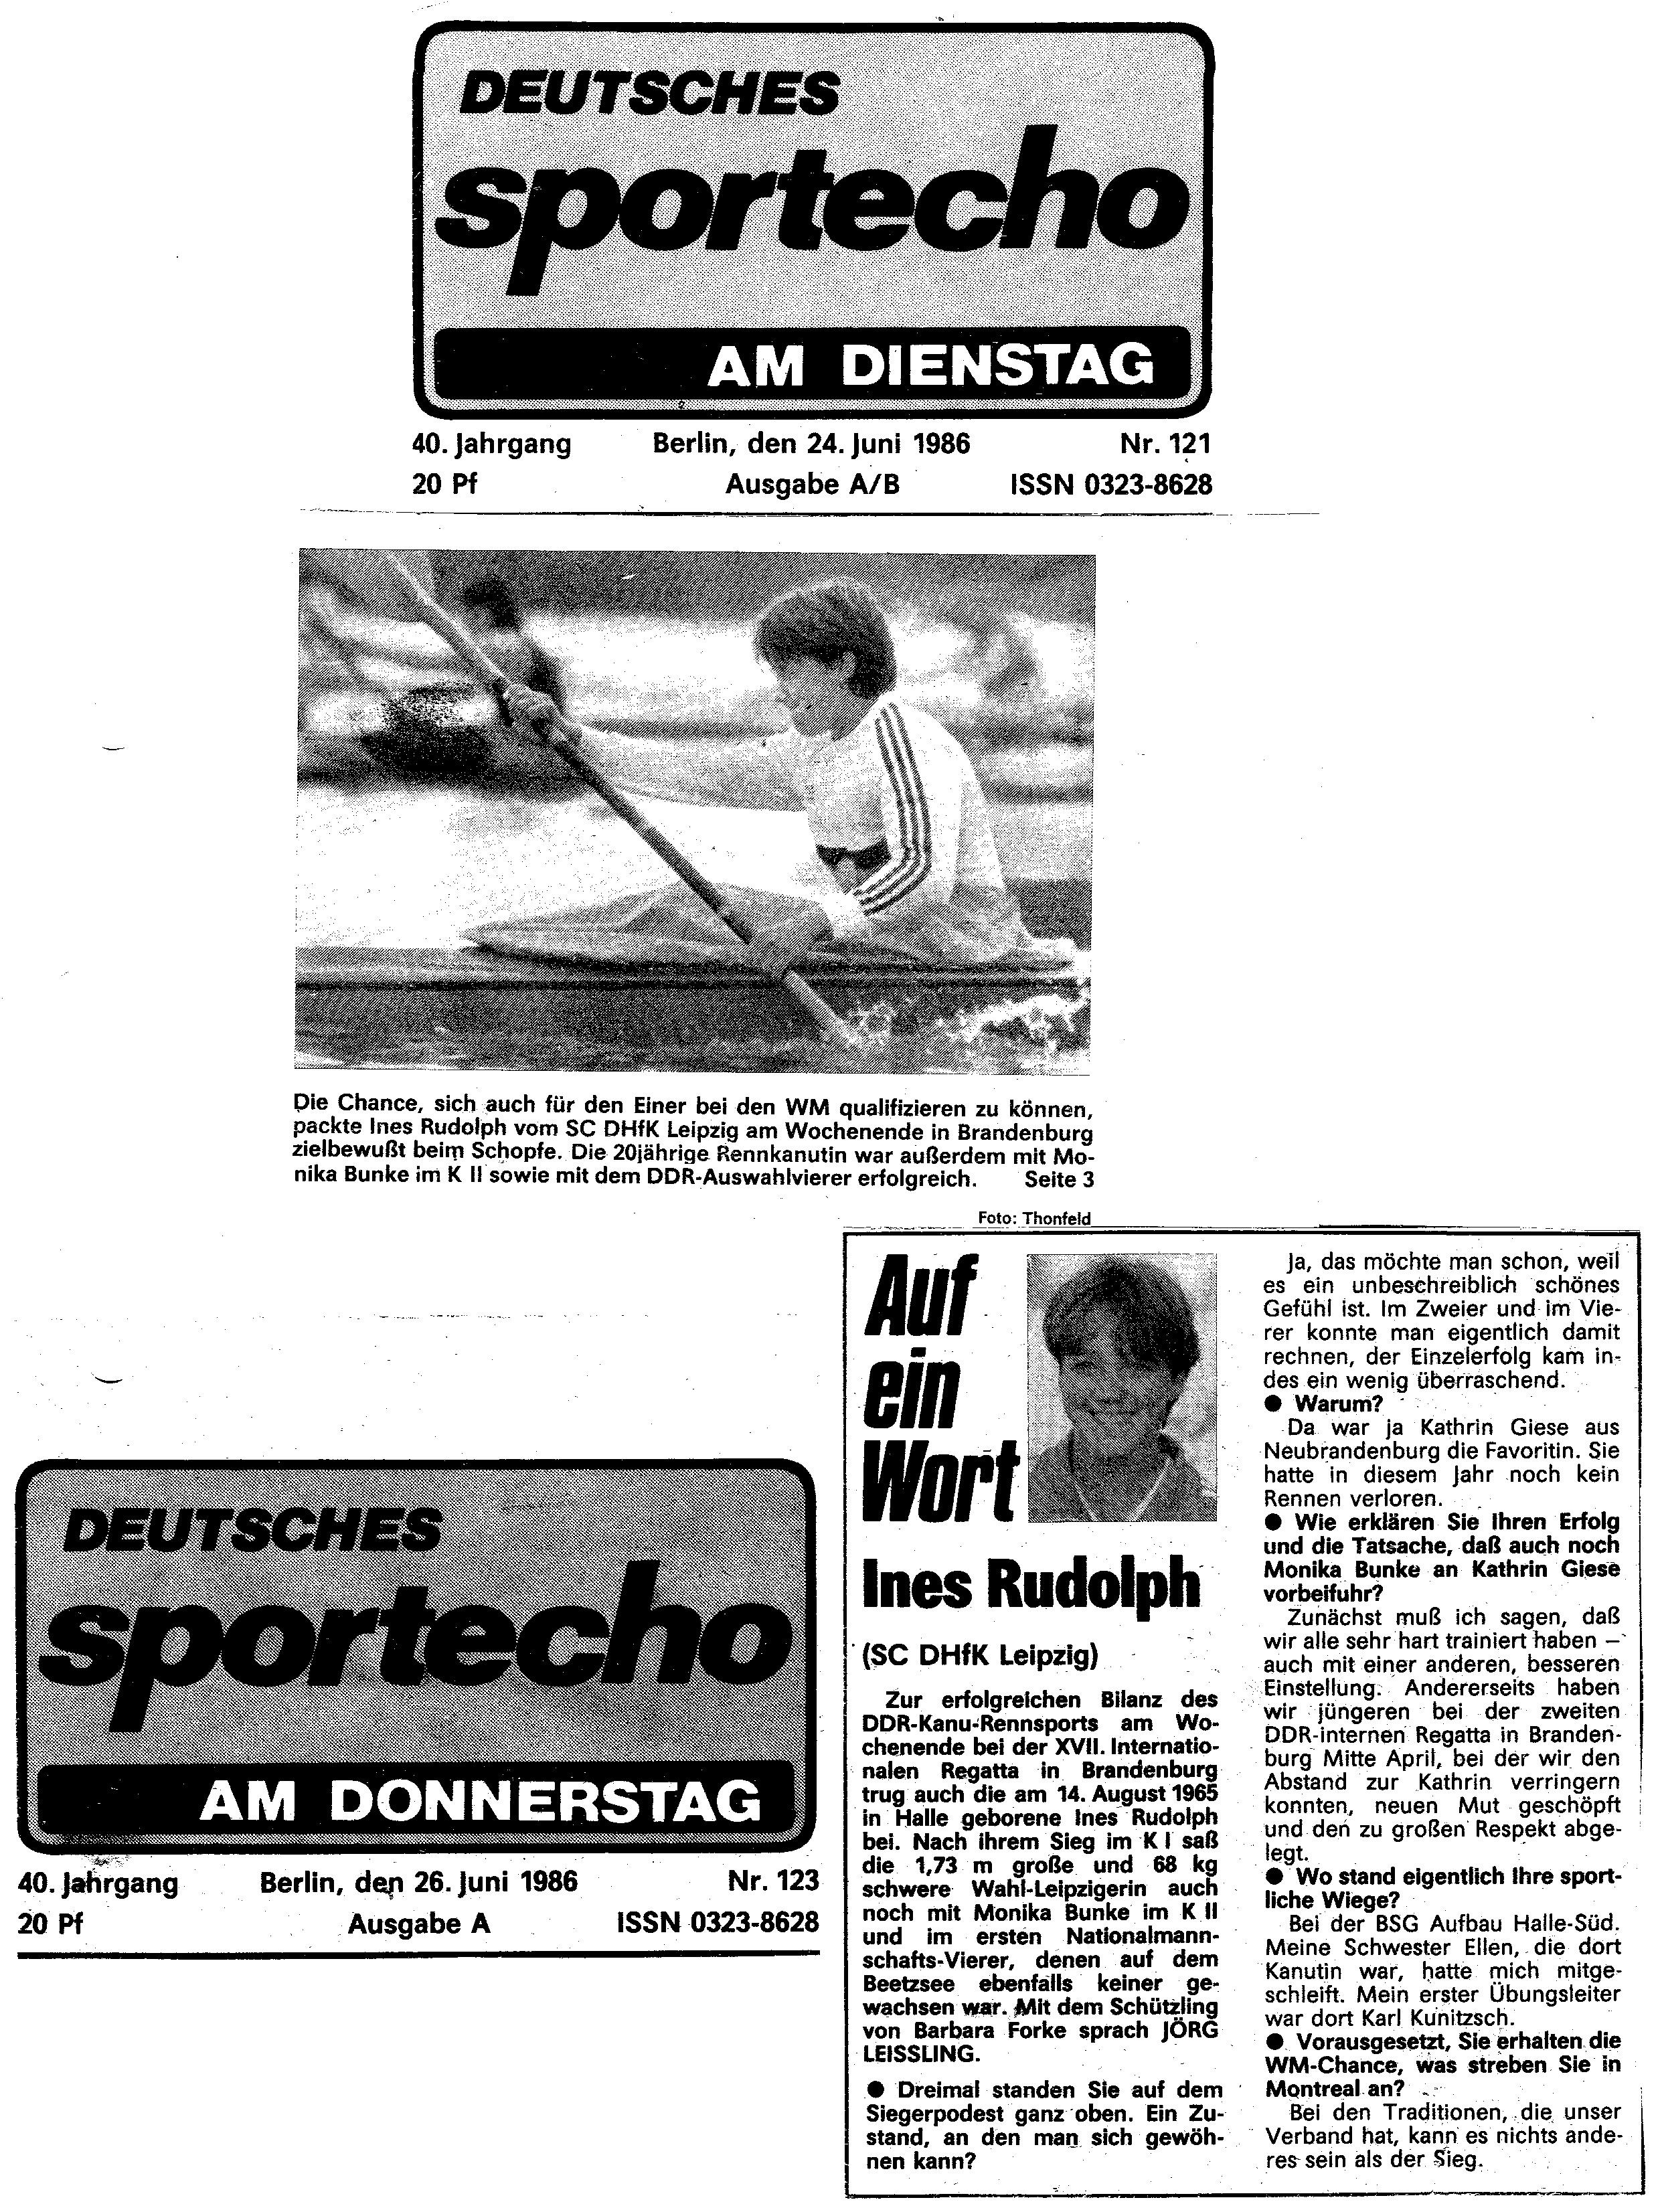 1986-06-26 Sportecho Auf ein Wort mit Ines Rudolph